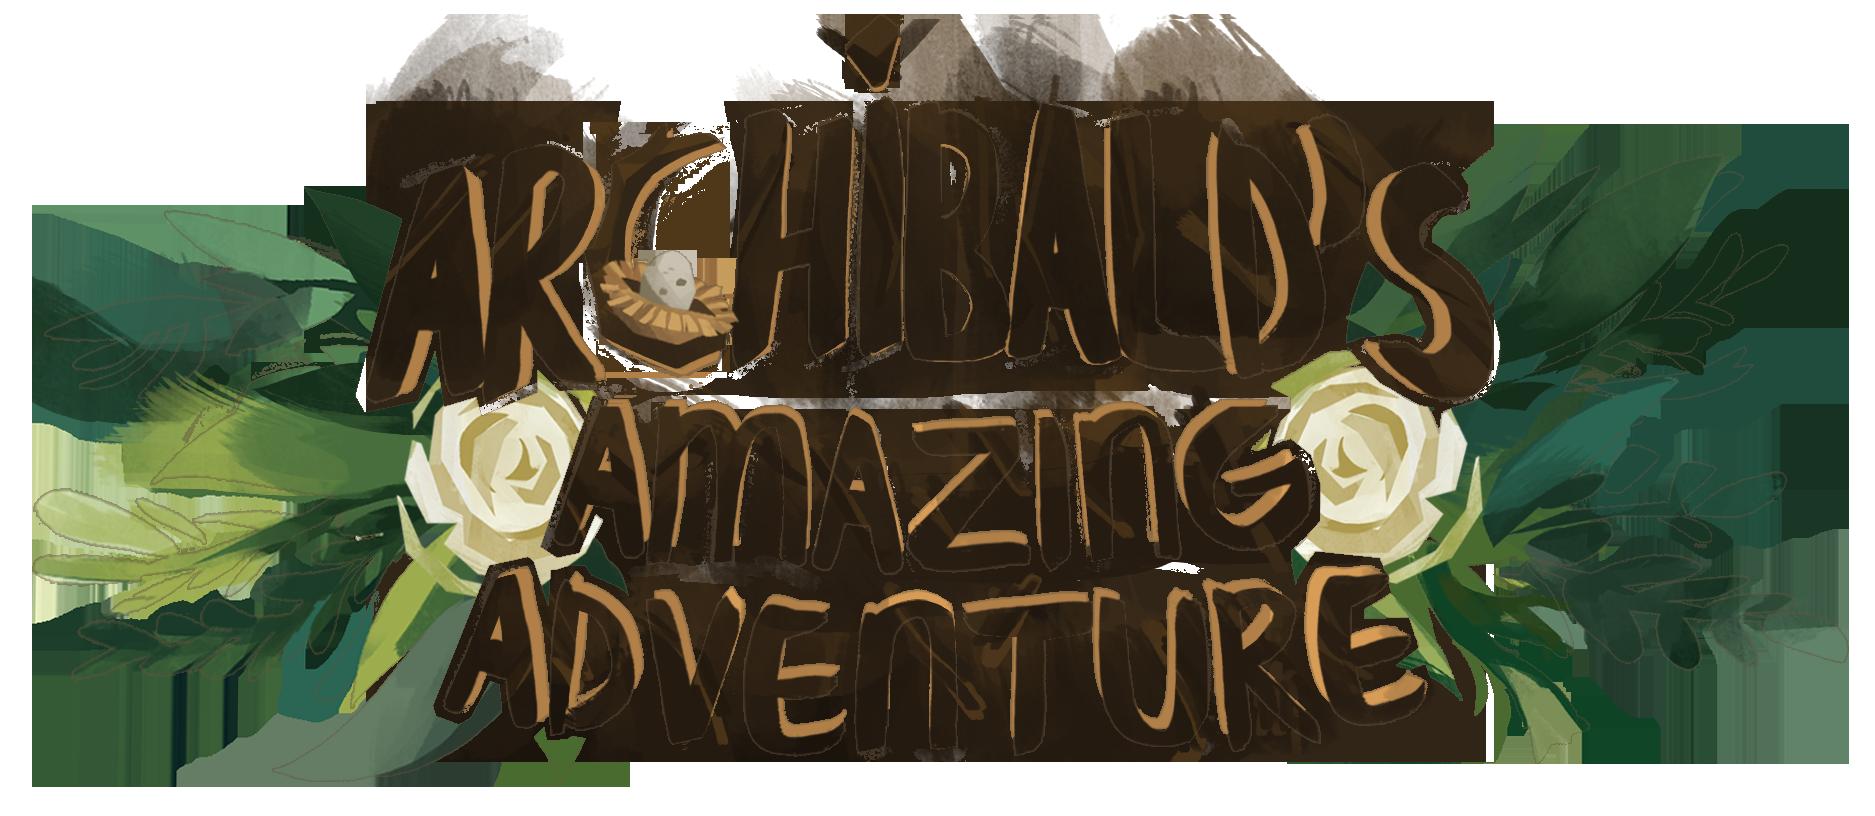 Archibald's Amazing Adventure